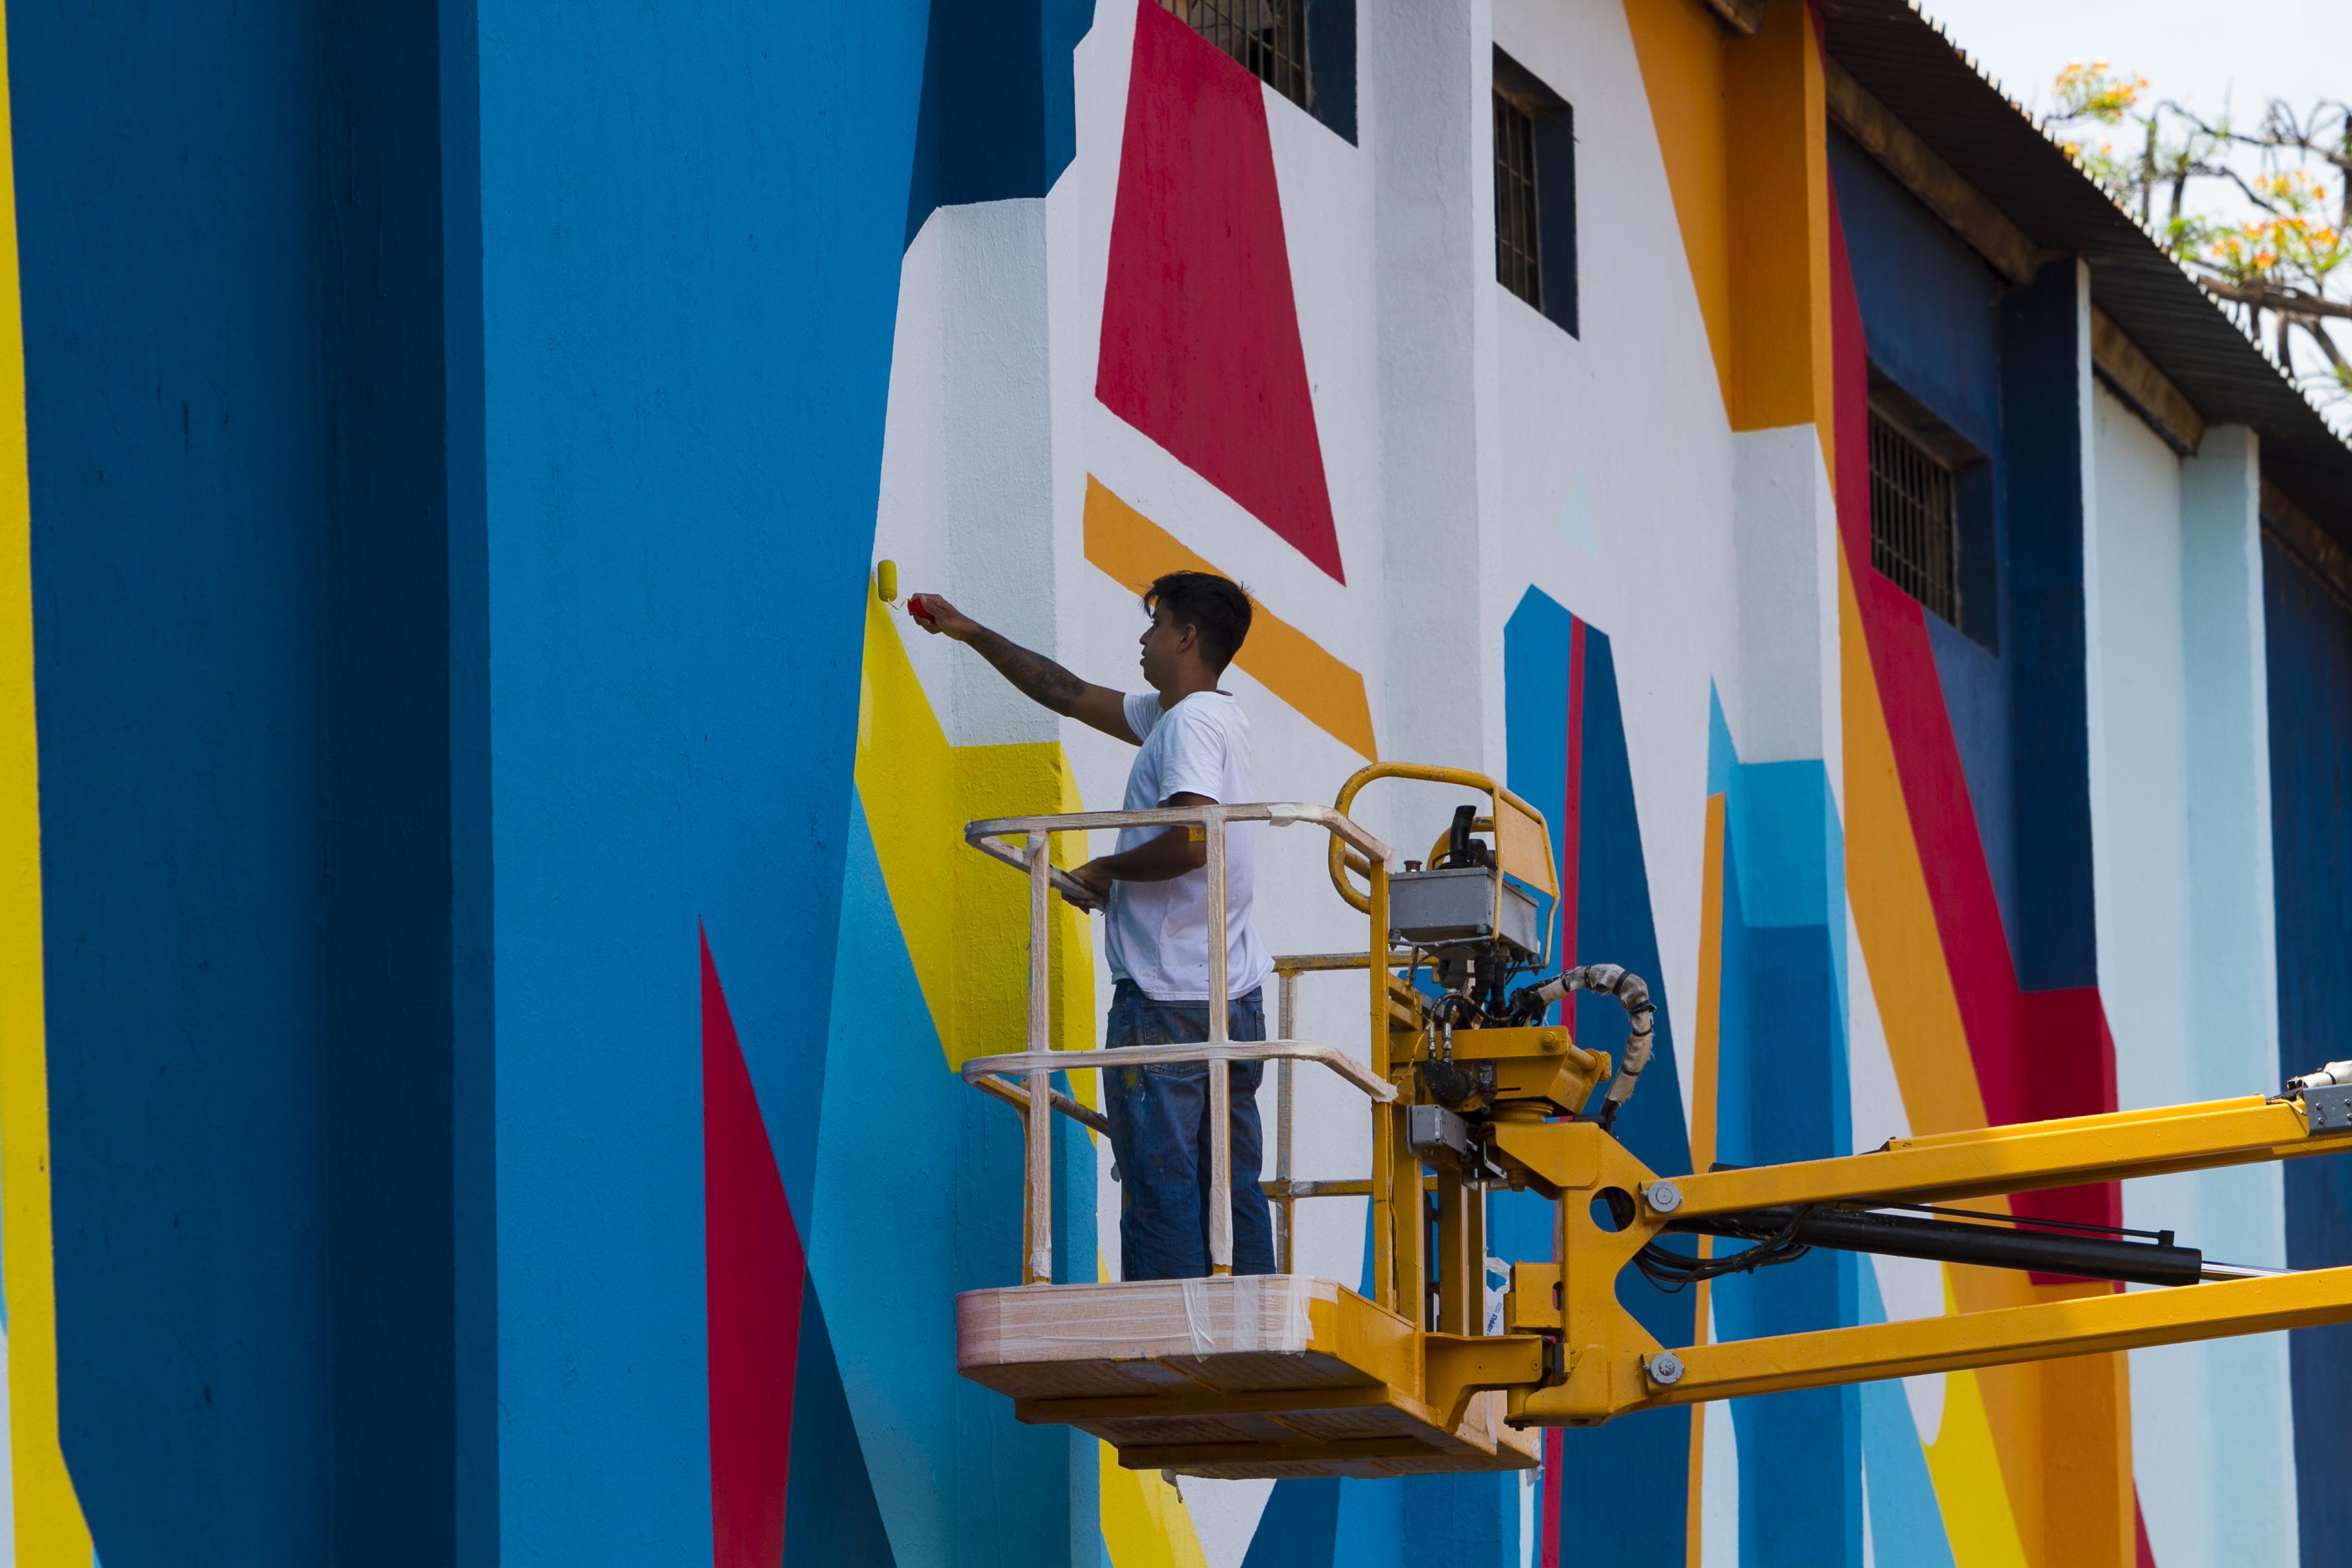 Selon lança catálogo de pintura de mega-painel de 500 m² na Avenida Perimetral